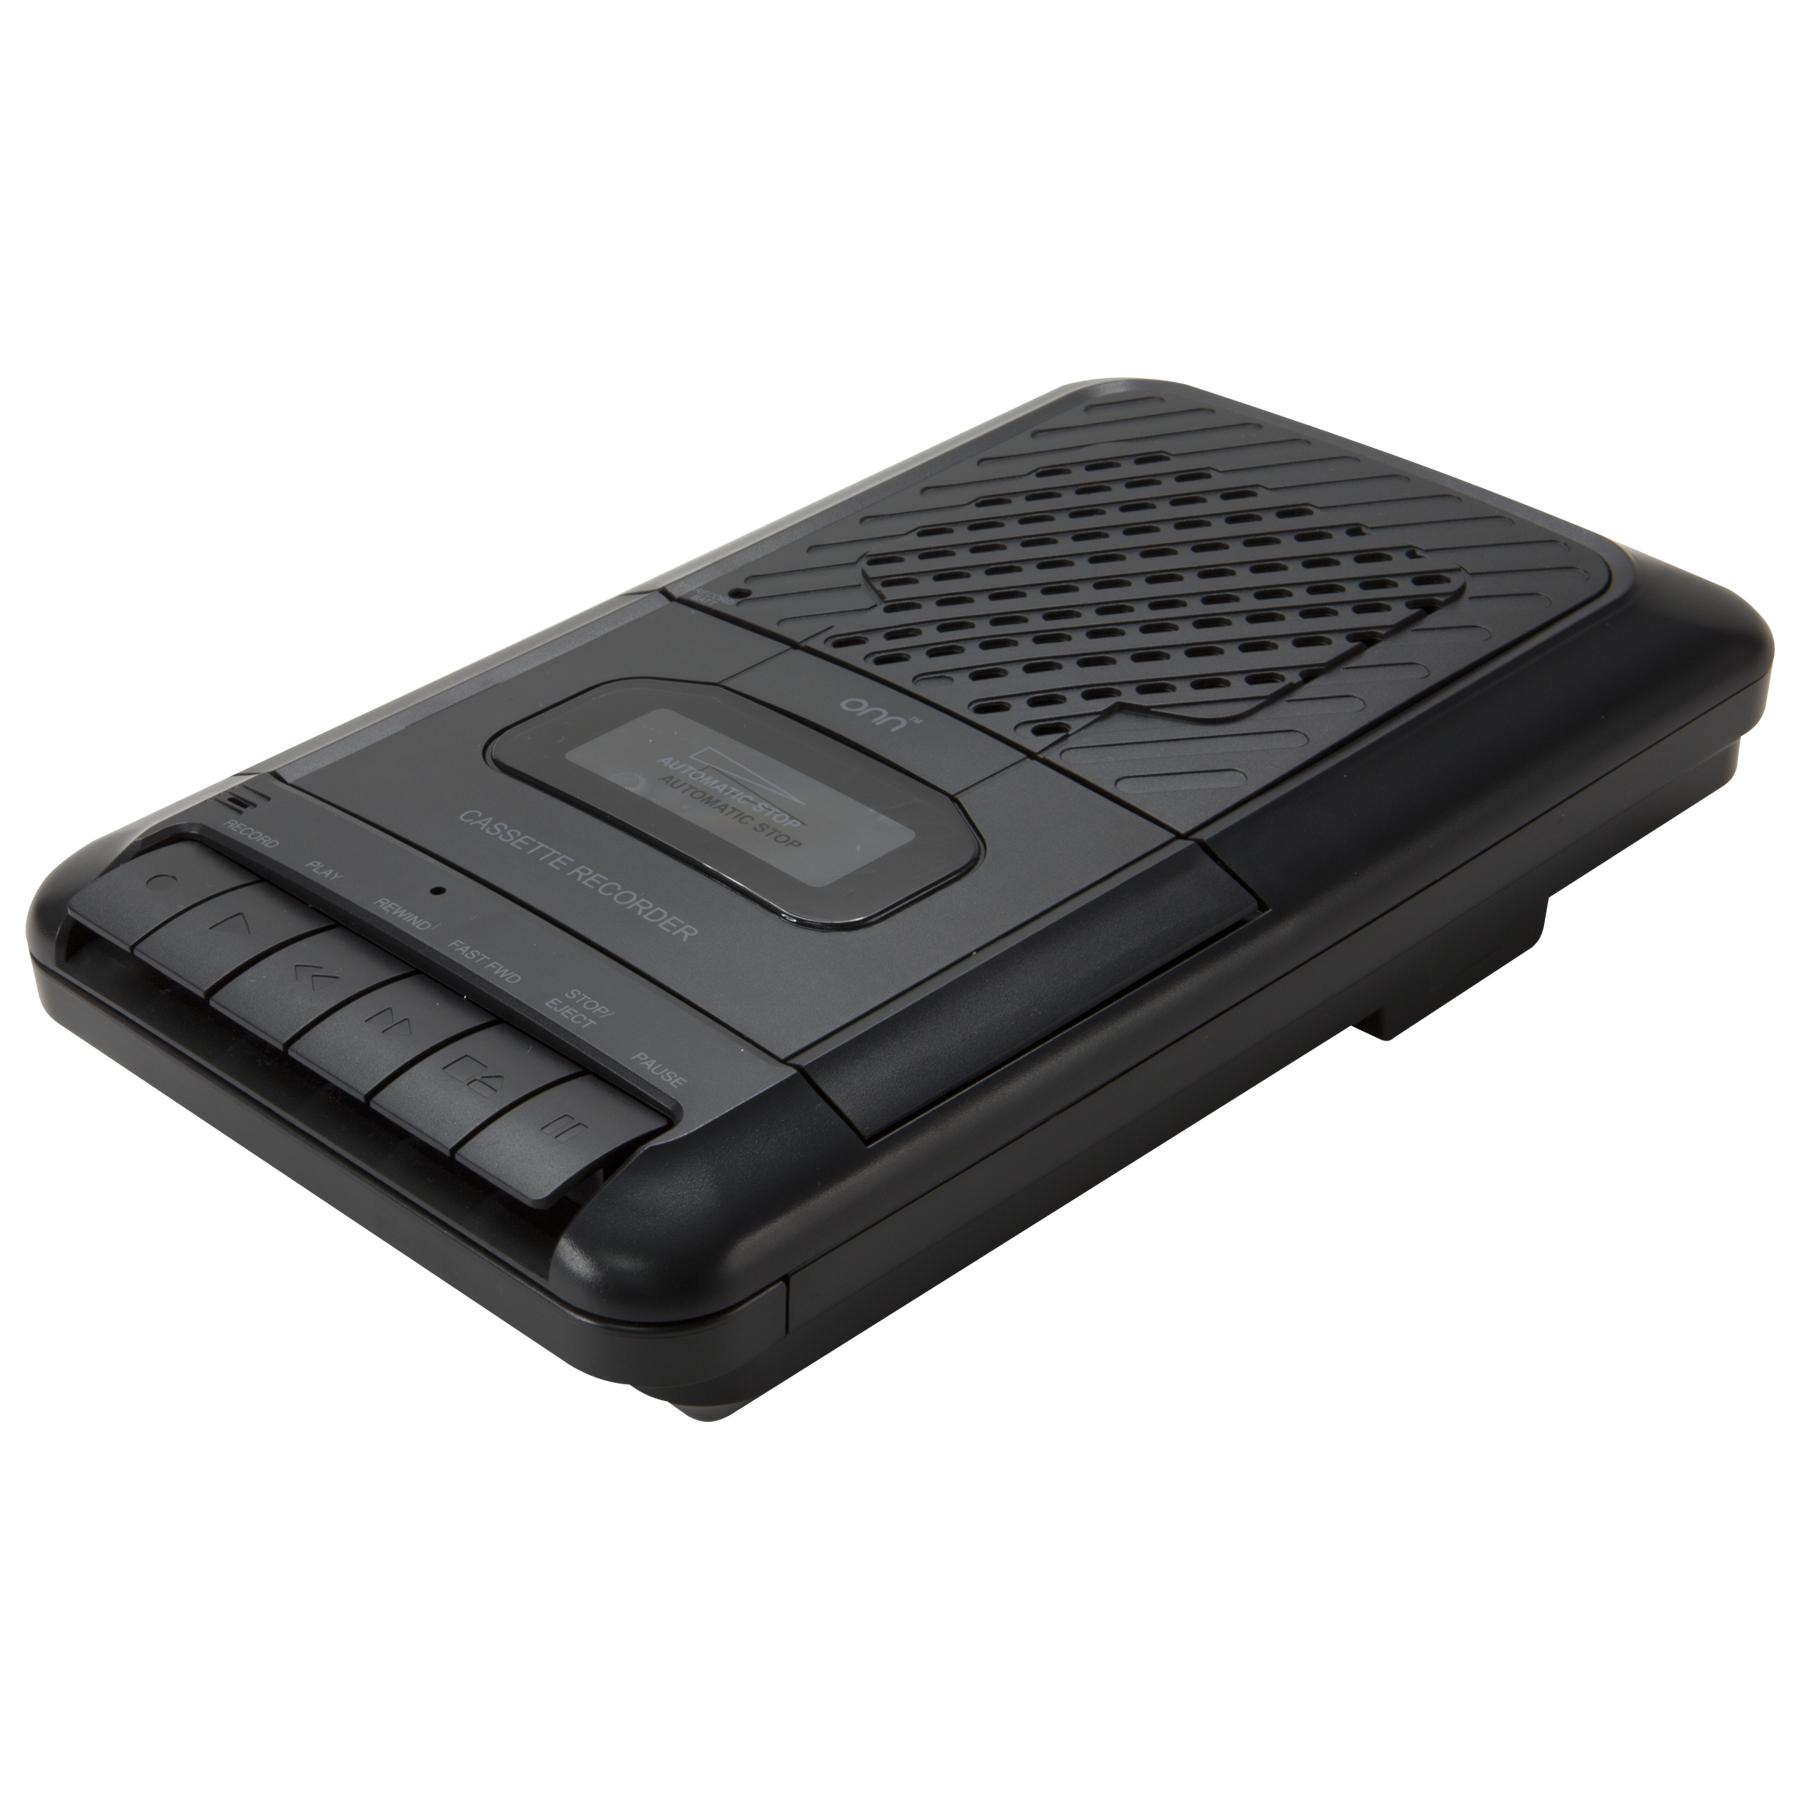 Walmart clearance - ONN Cassette Recorder $15